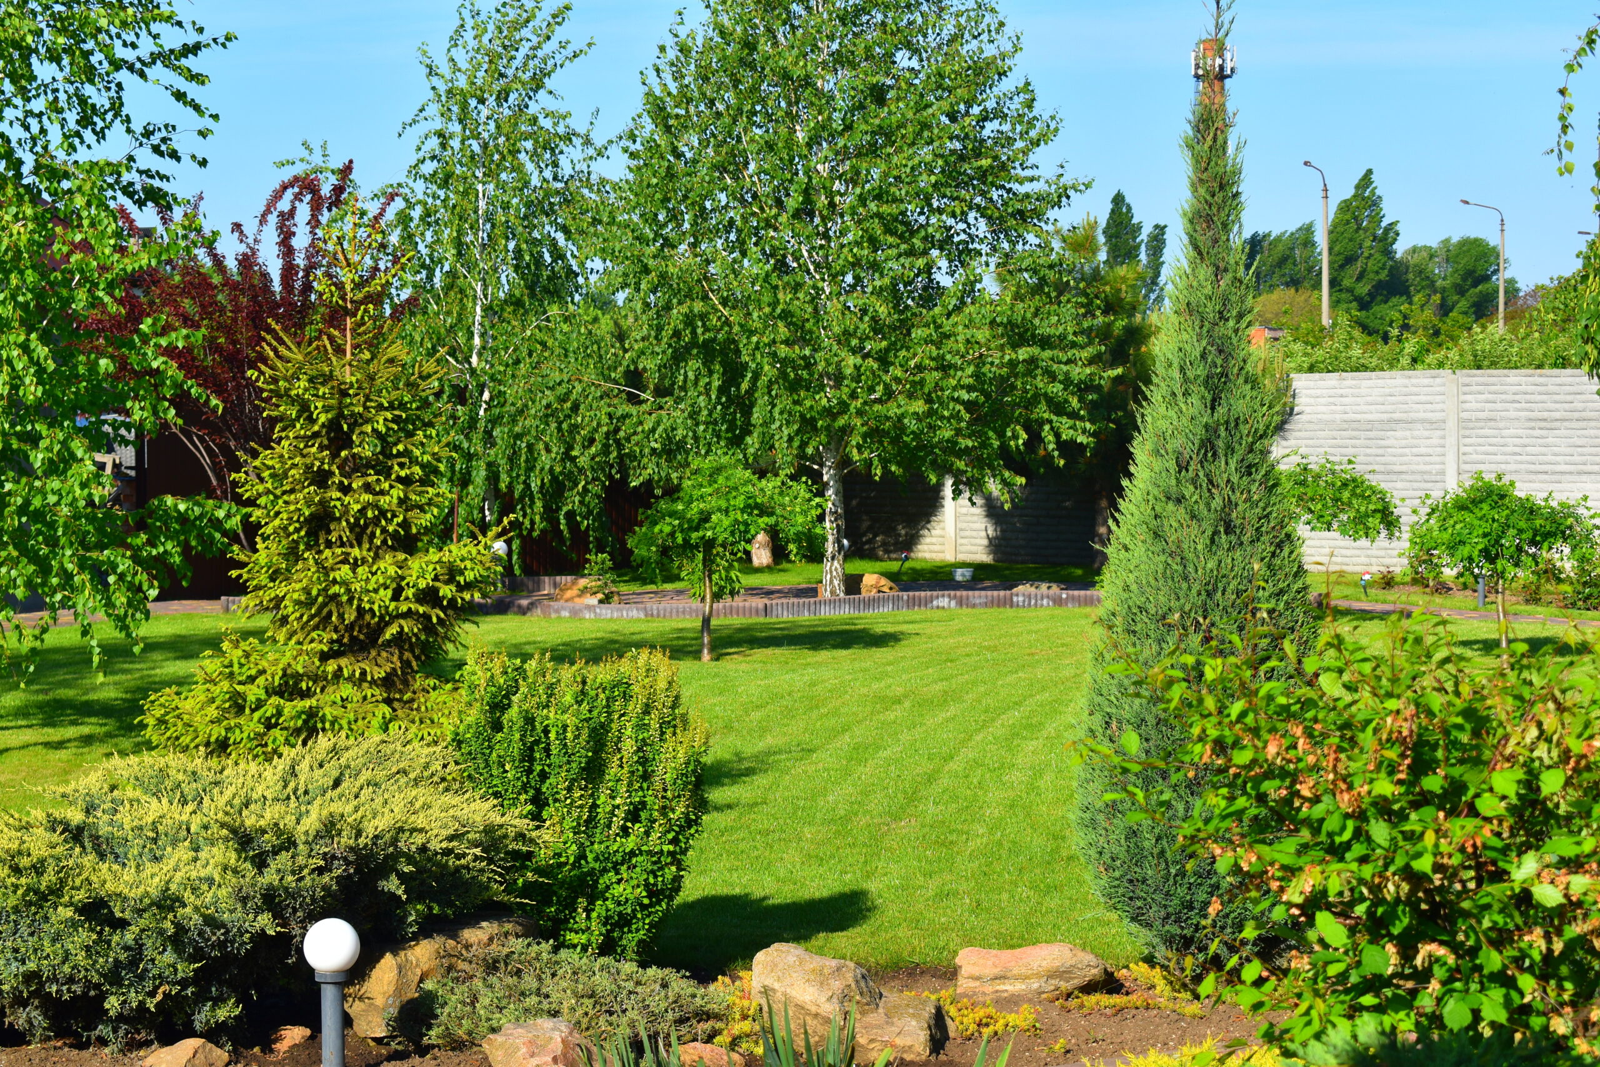 Особенности благоустройства участков и их озеленения, озеленение участка, дача загородный дом, беседки и площадки для барбекю